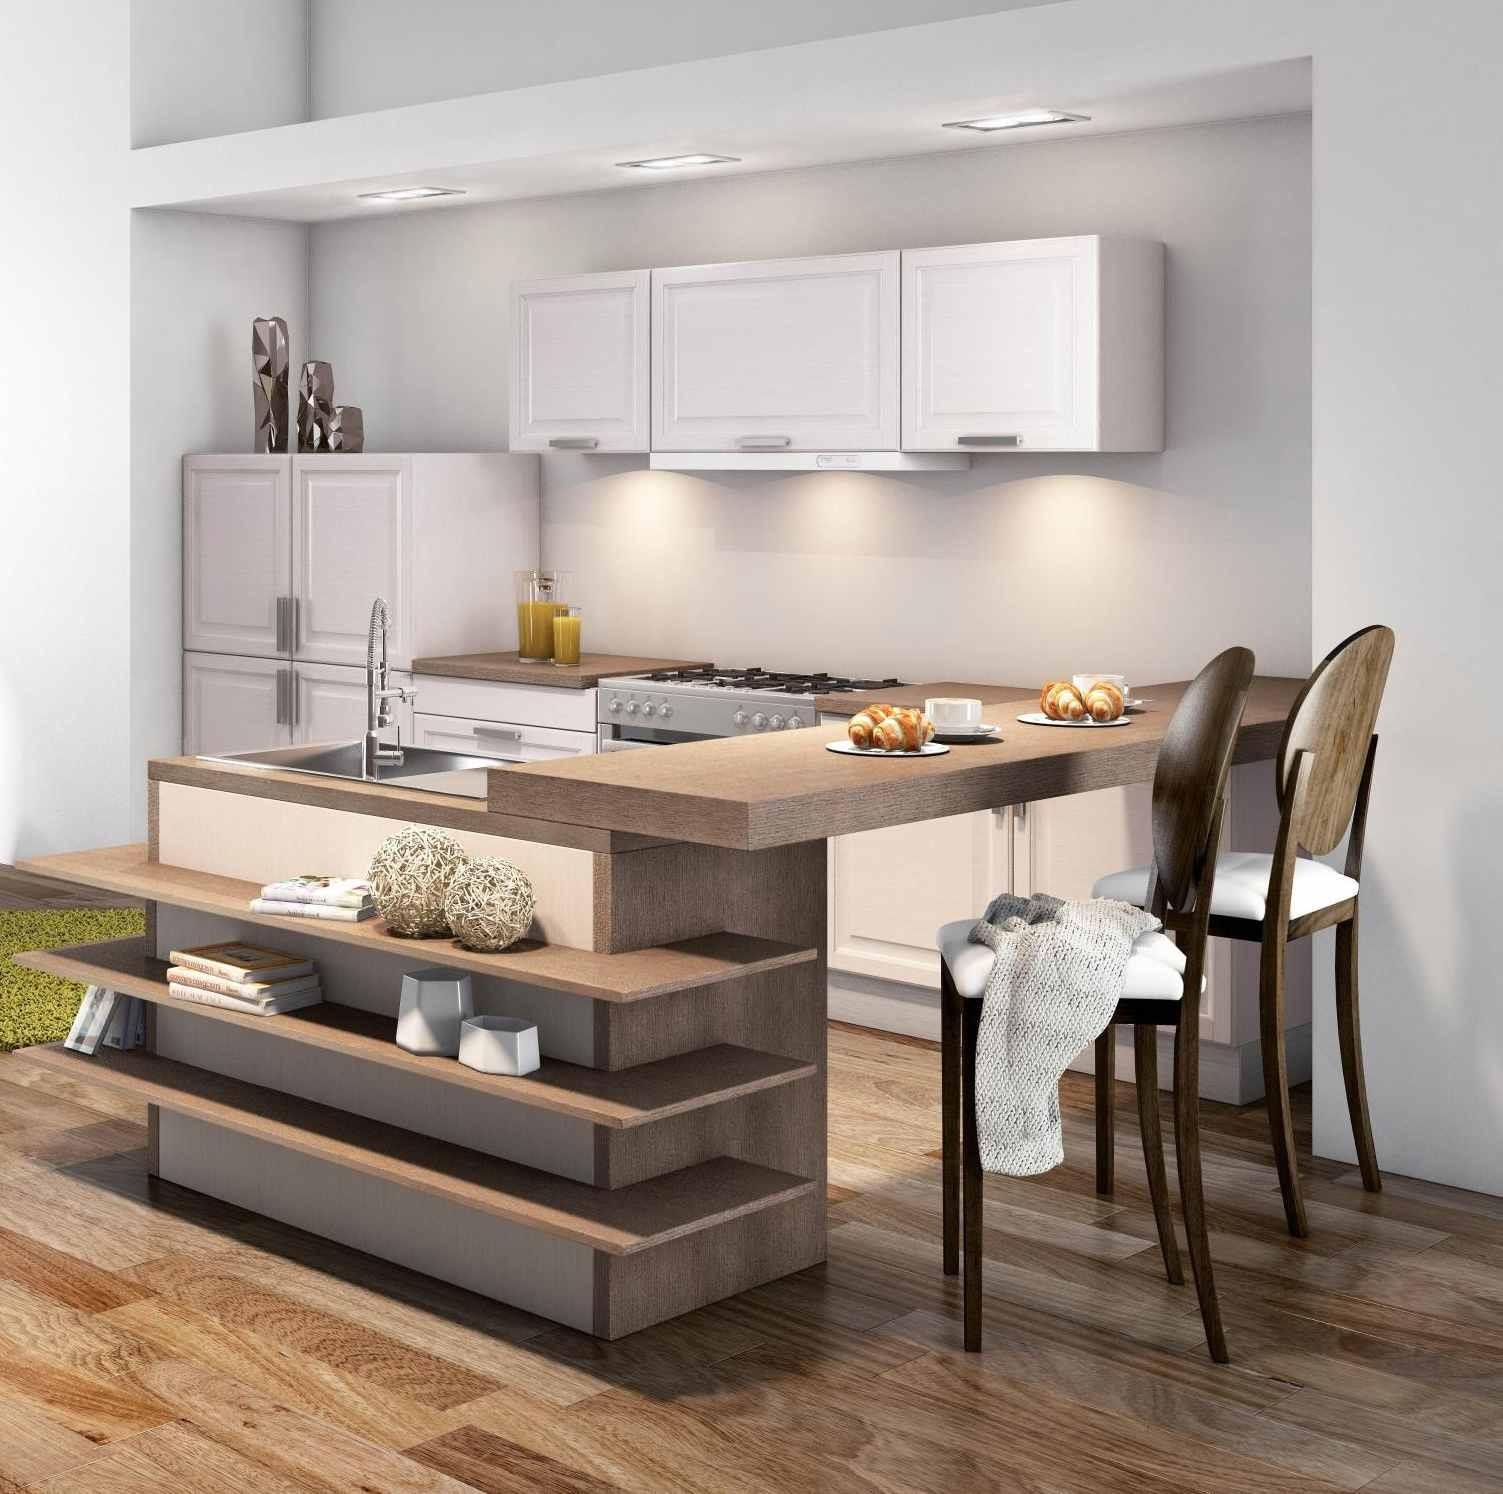 Дизайн кухни с барной стойкой шпонированной